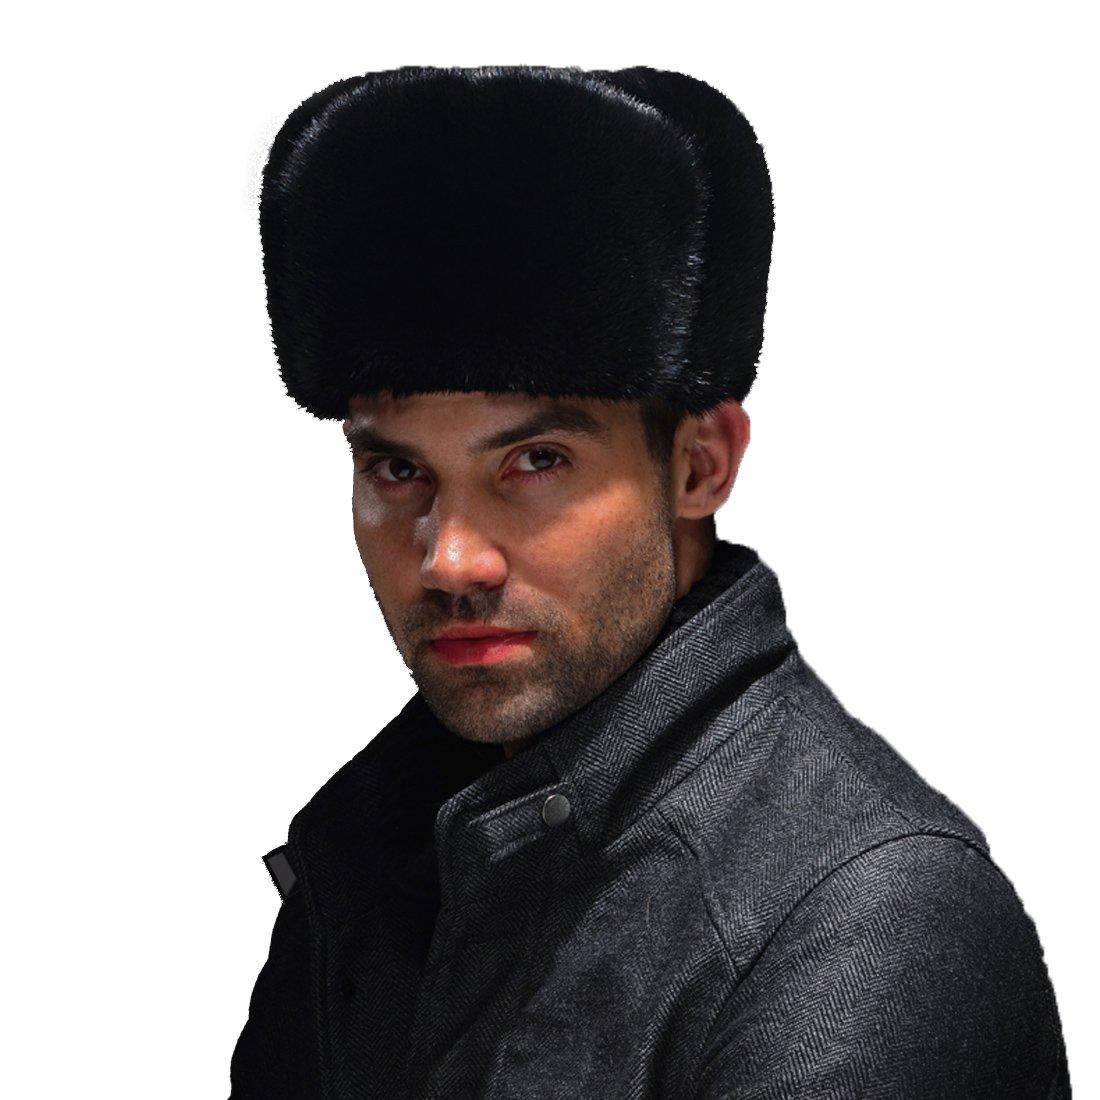 URSFUR Men's Premium Mink Fur Russian Ushanka Trapper Hats ( Black) by URSFUR